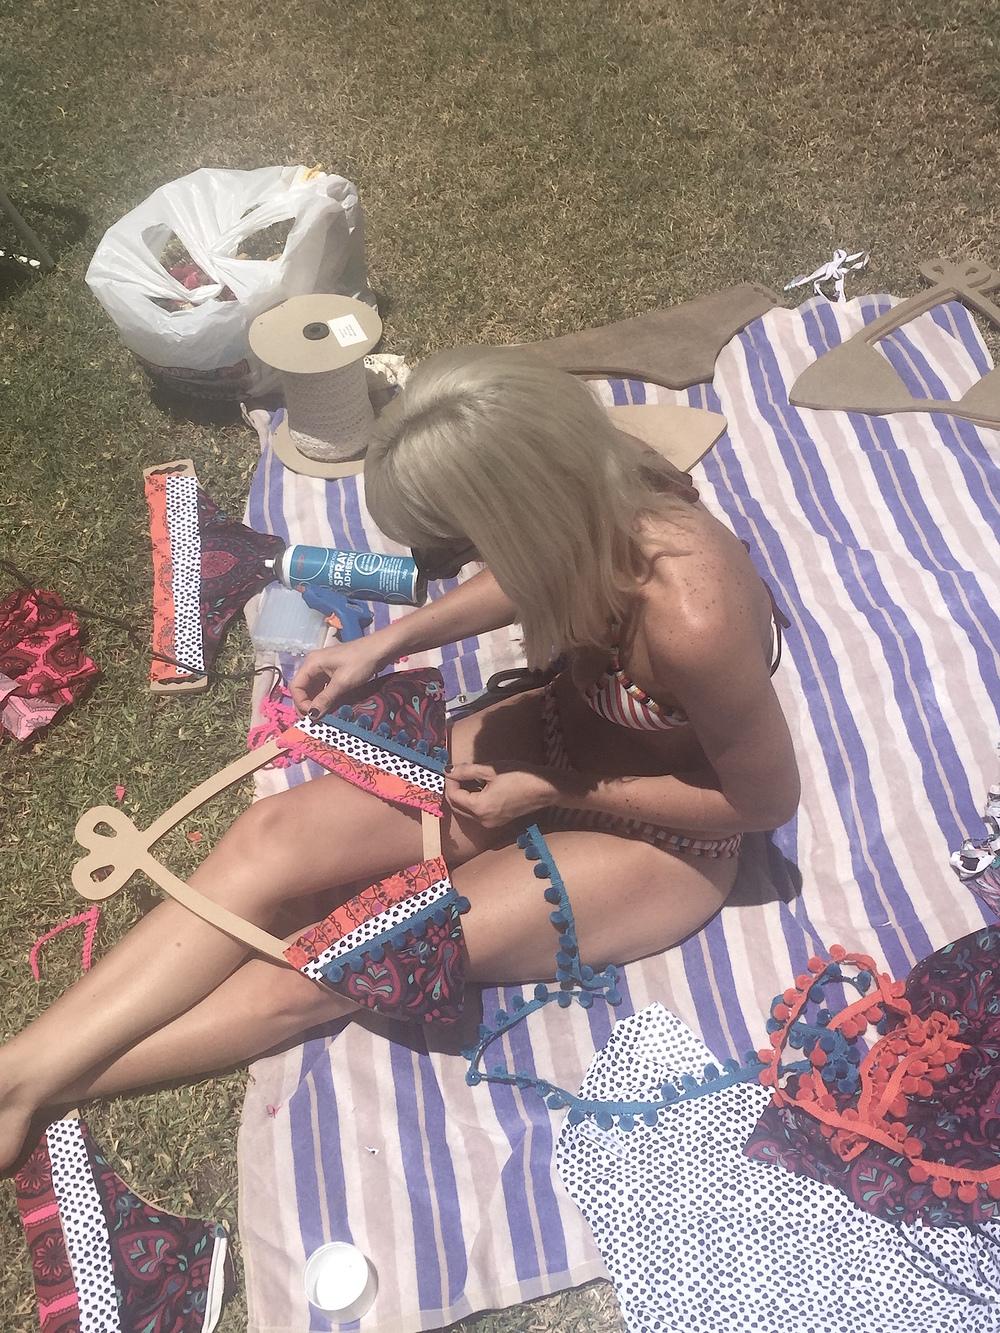 BETH making Tigerlily Bikini props, in her bikini!